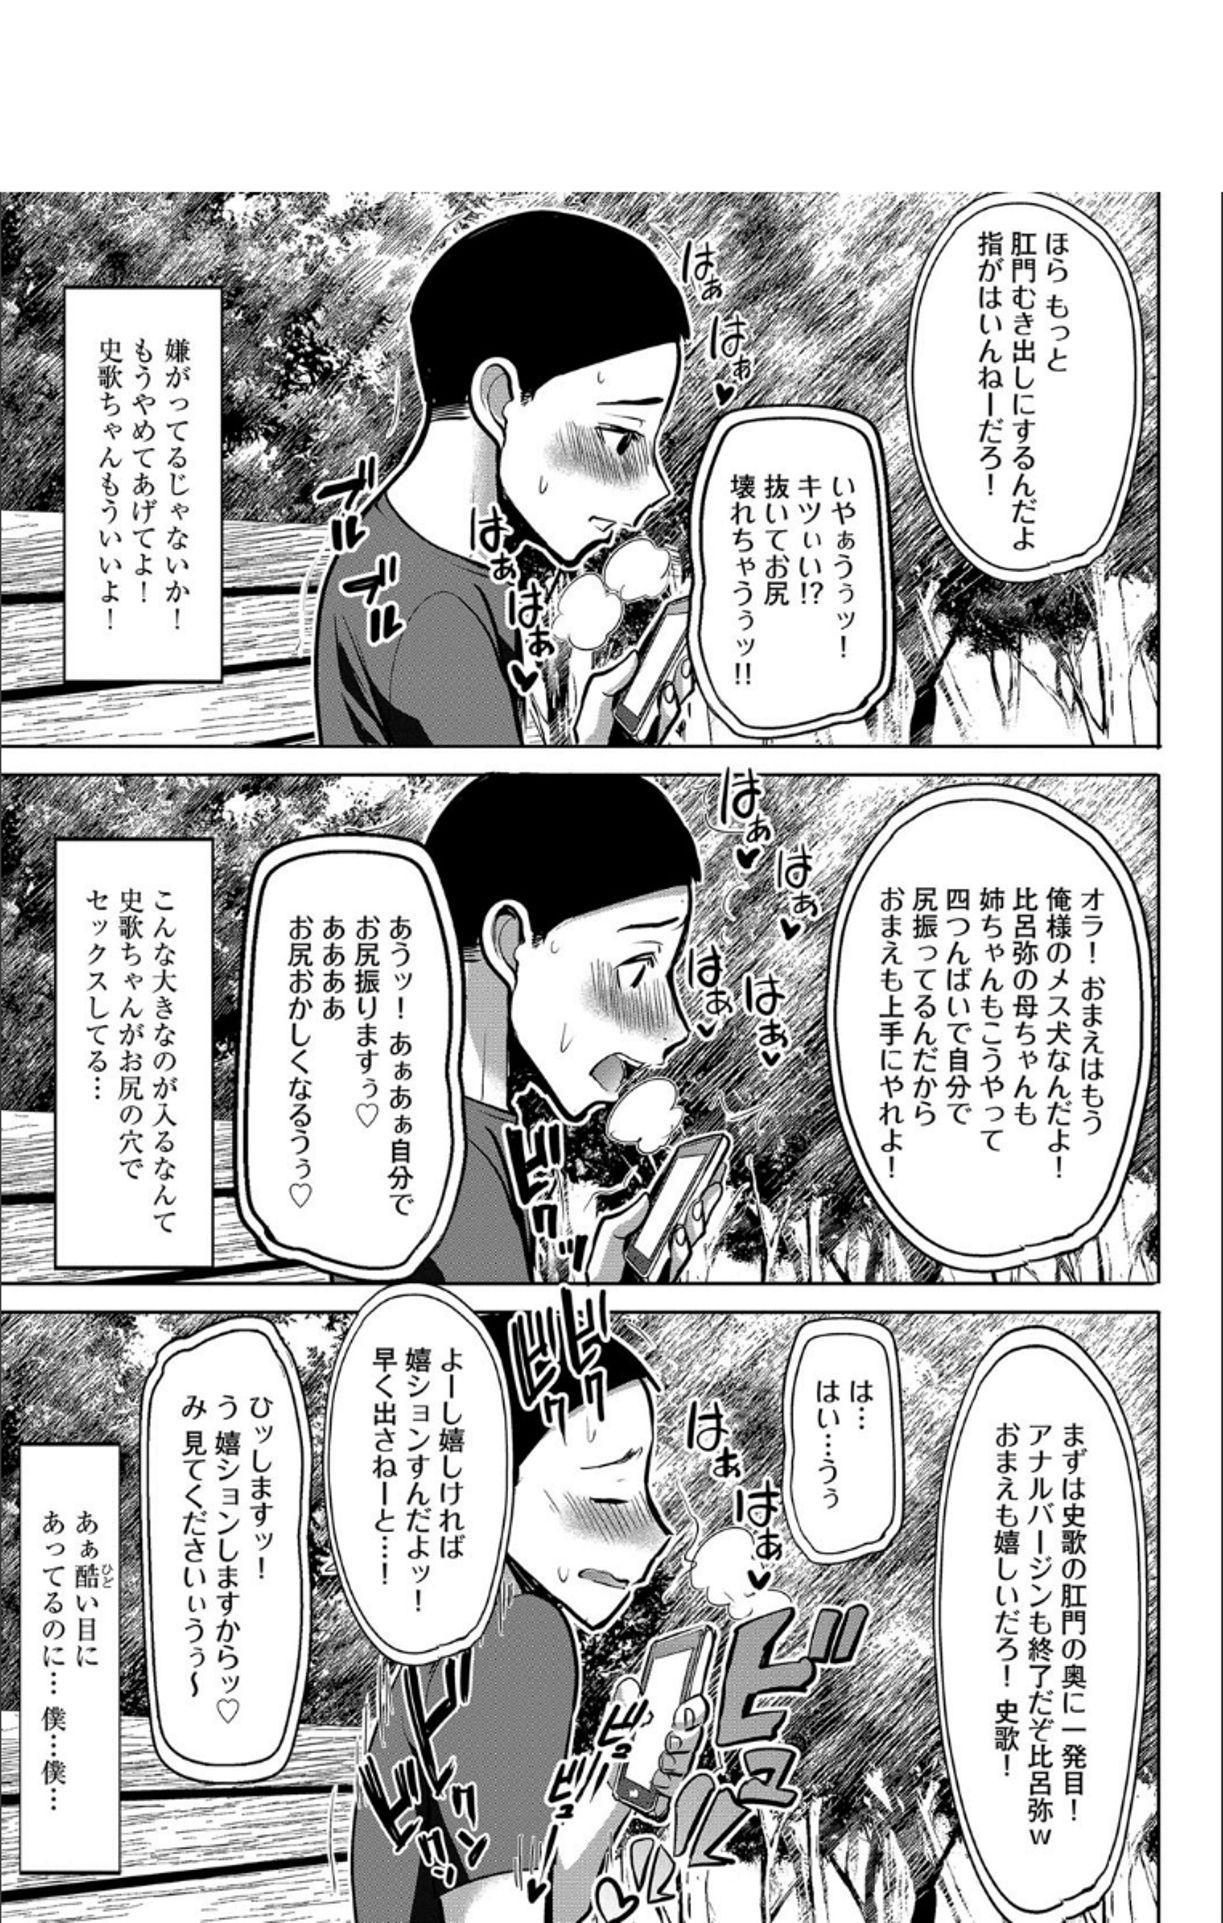 Boku no Kazoku o Sarashimasu + DMM Gentei Tokuten Paper 205